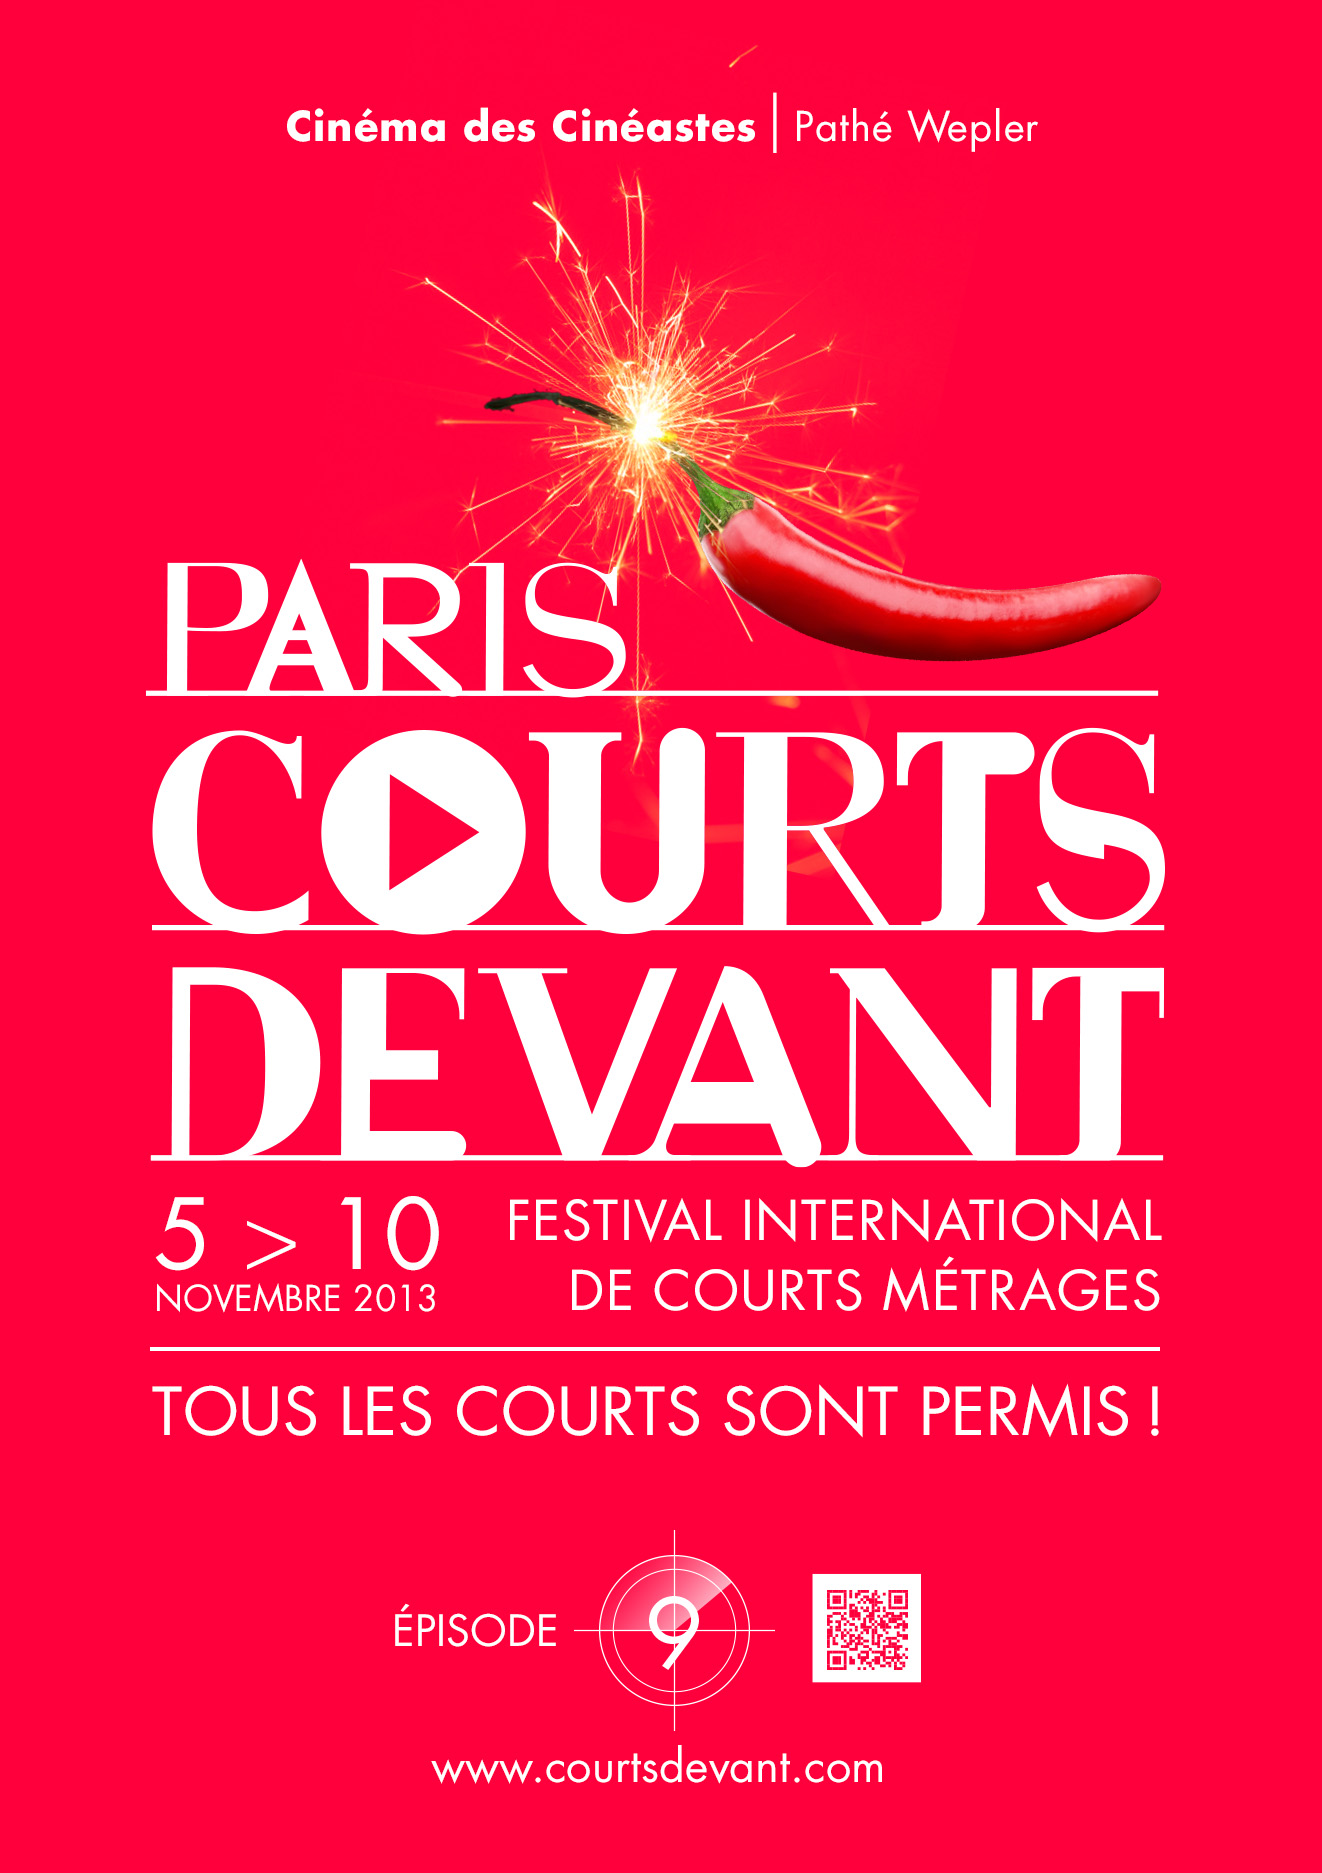 Paris Courts Devant 2013